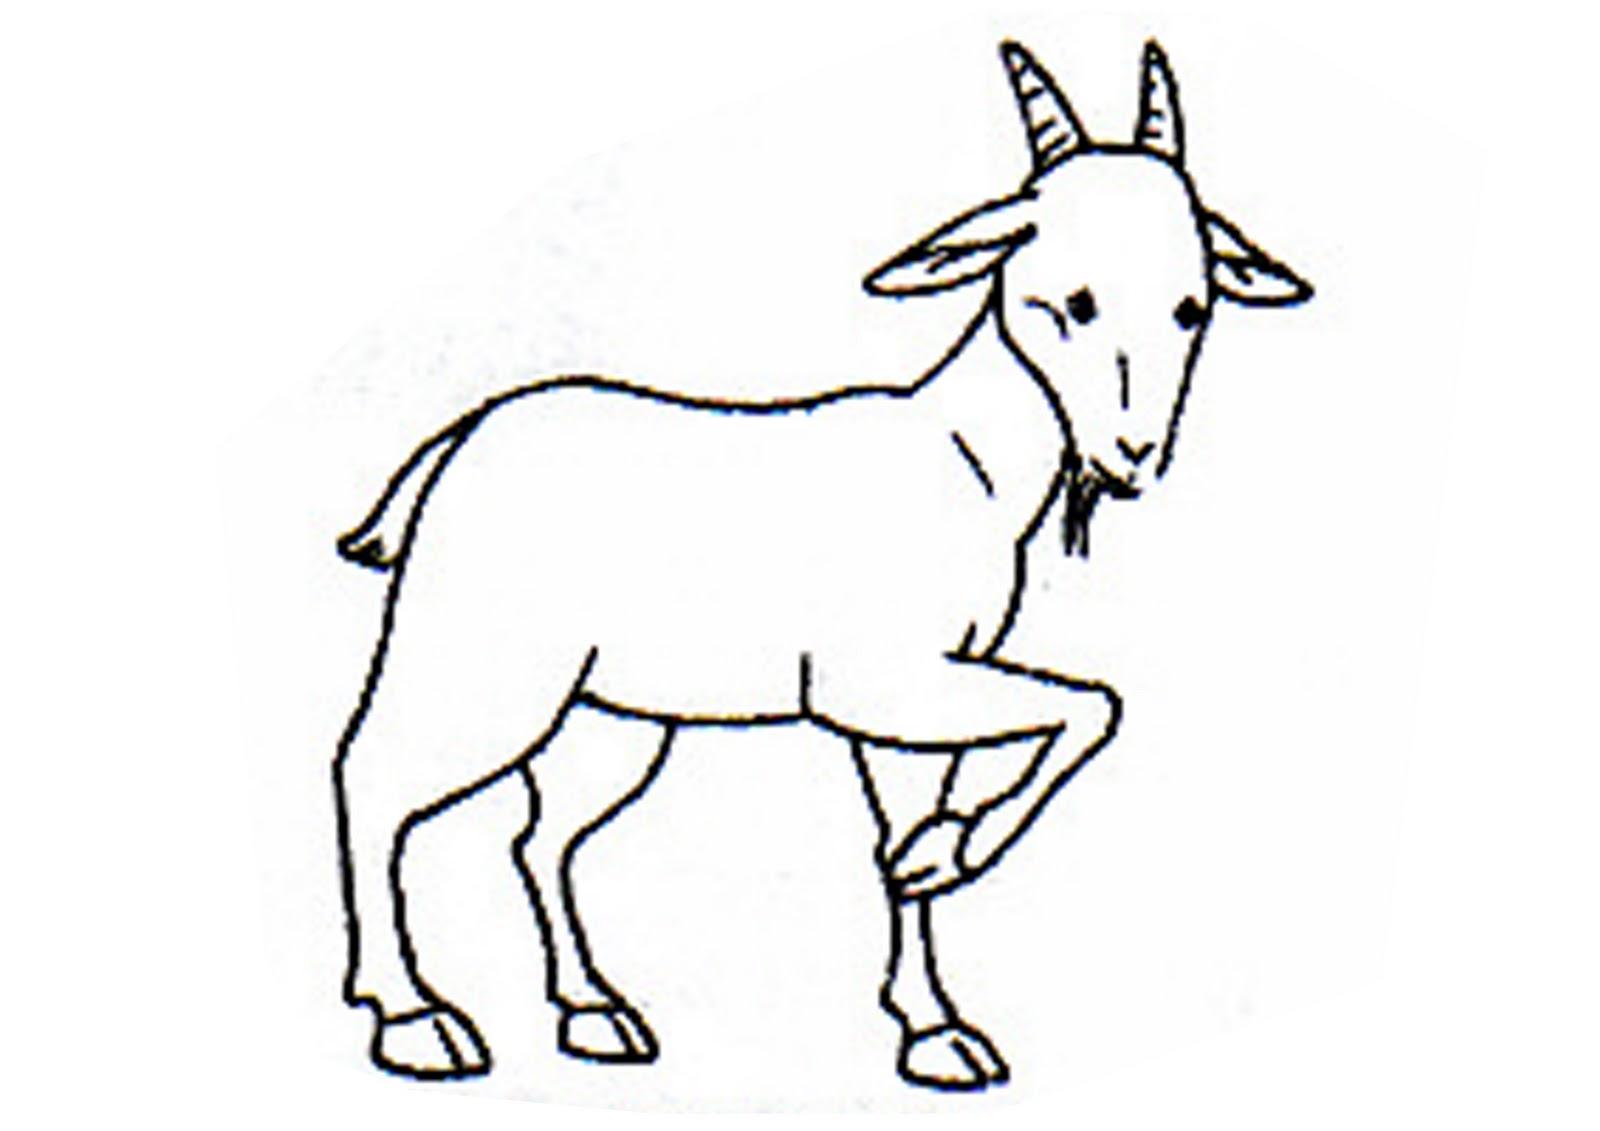 Panitia Sains AlAmin Bangi Koleksi ABM gambargambar haiwan